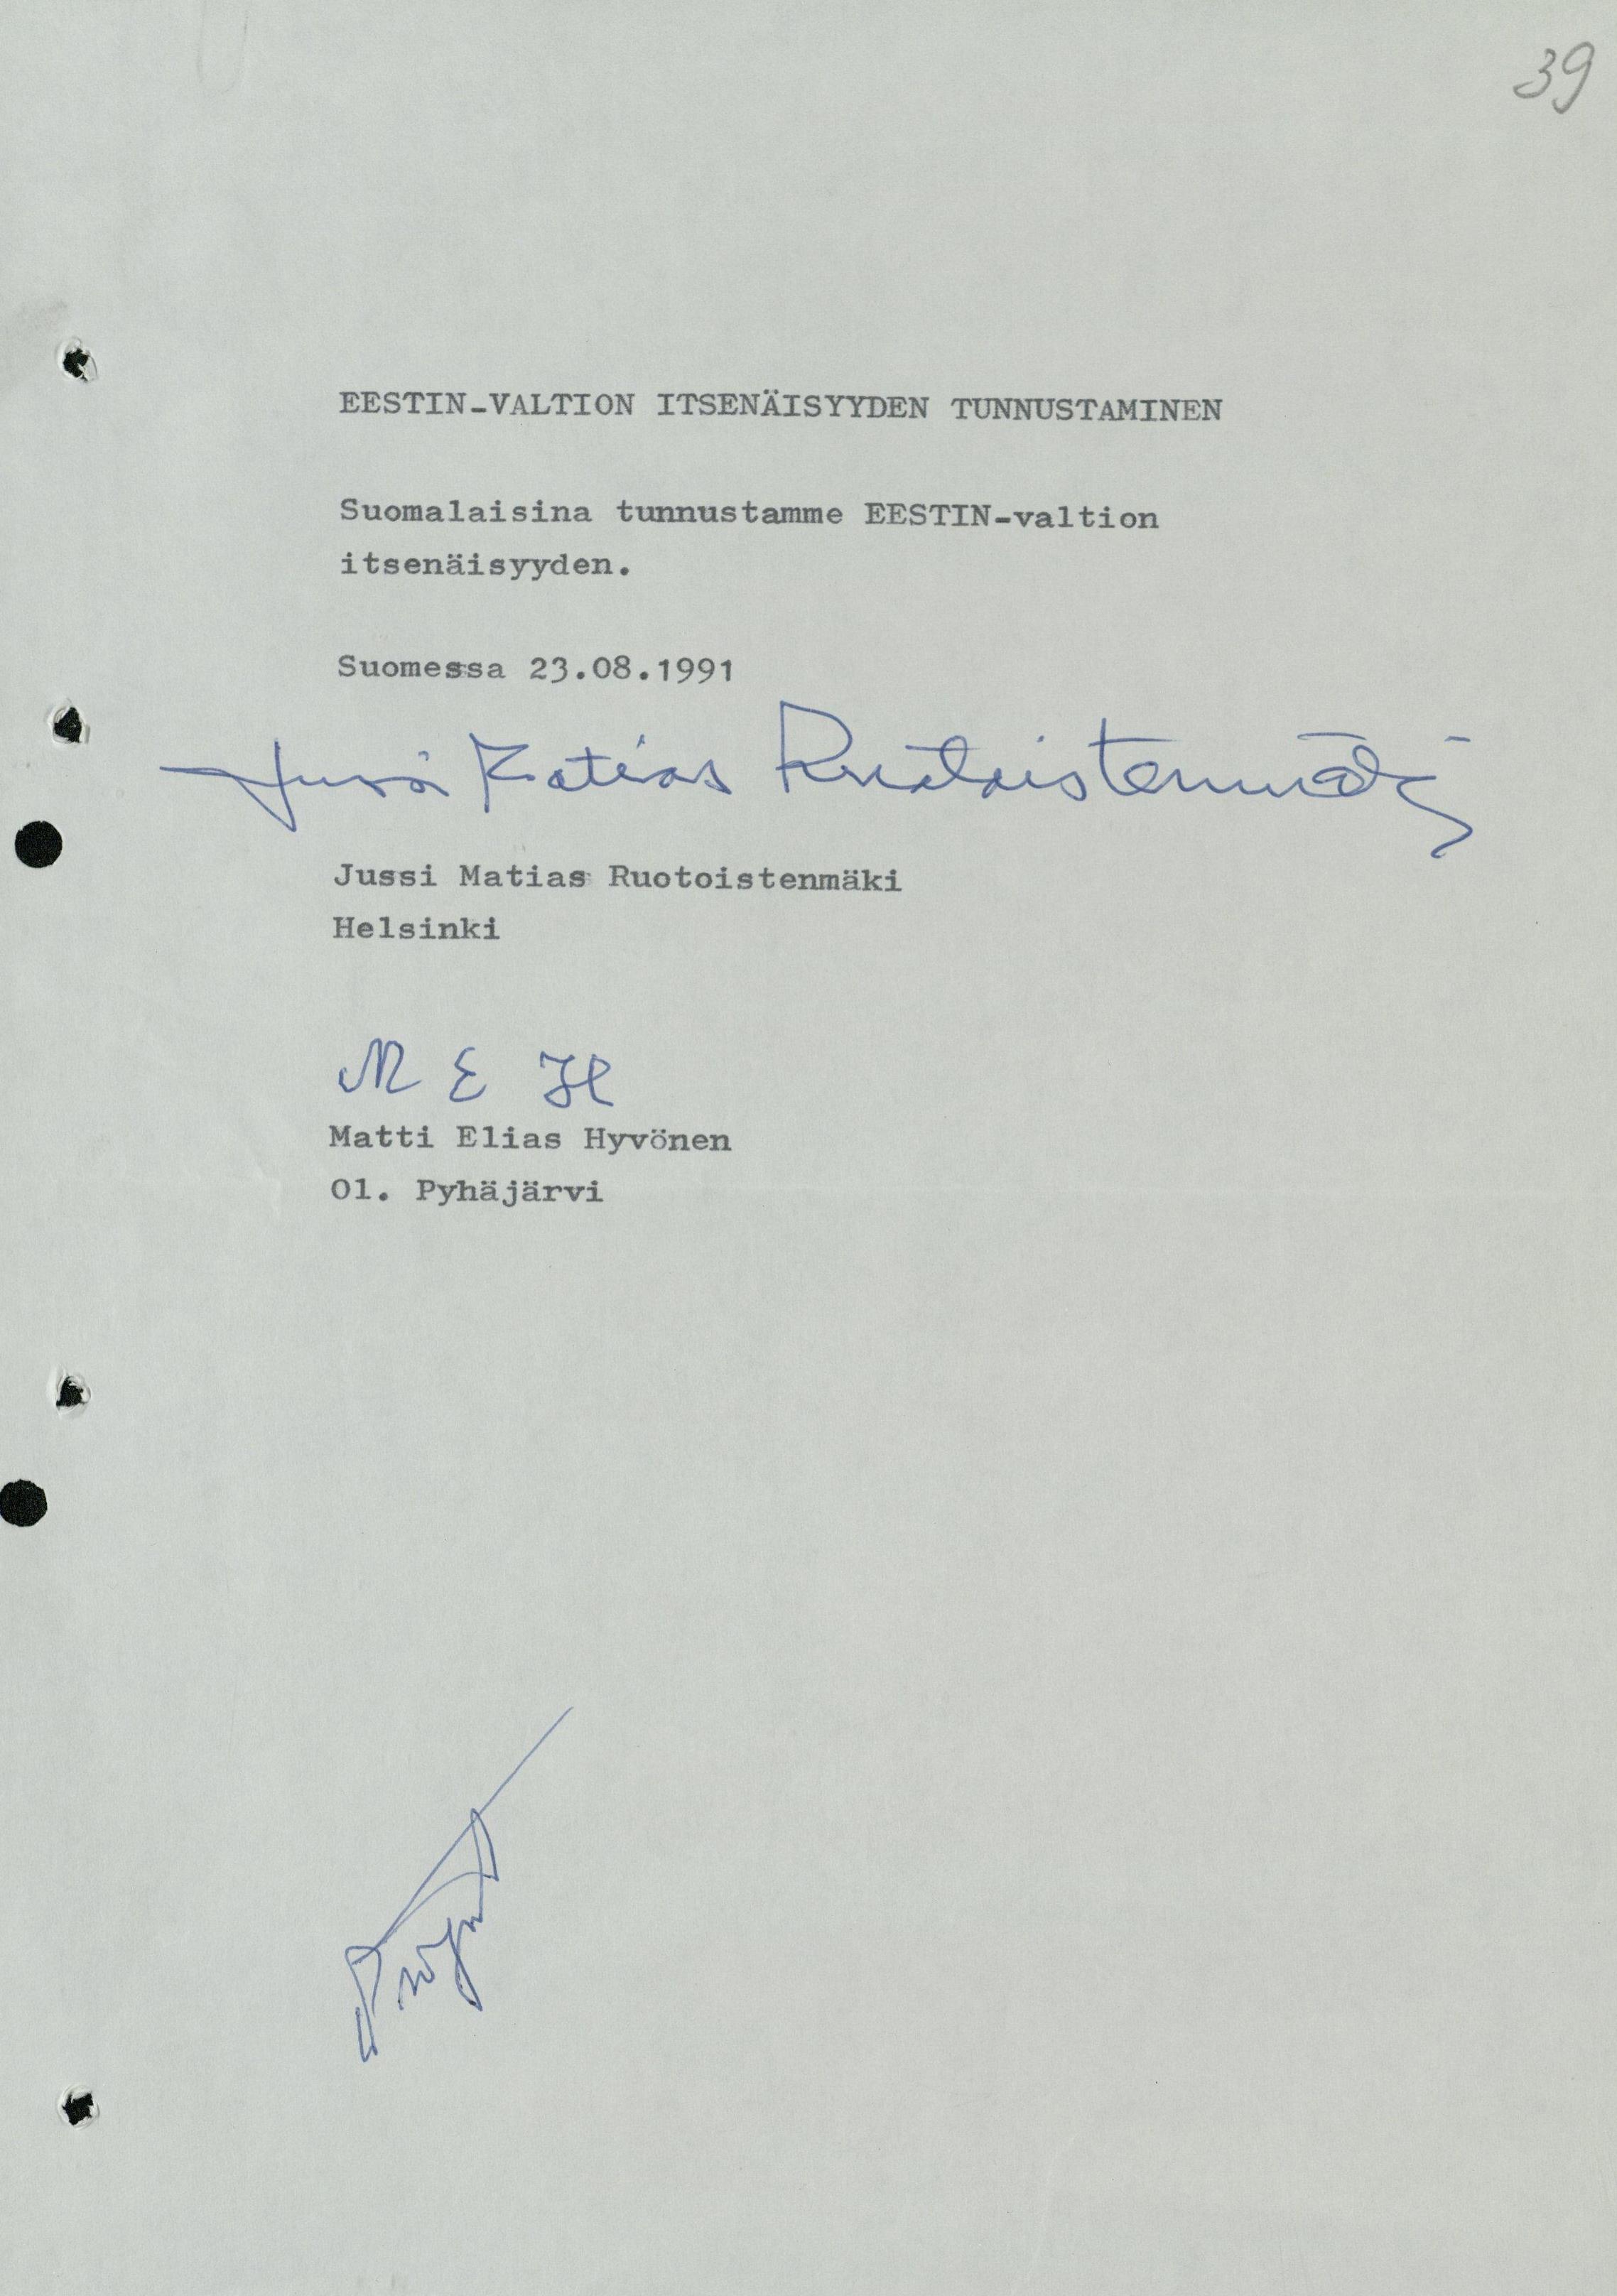 Toetuskiri Helsinkist